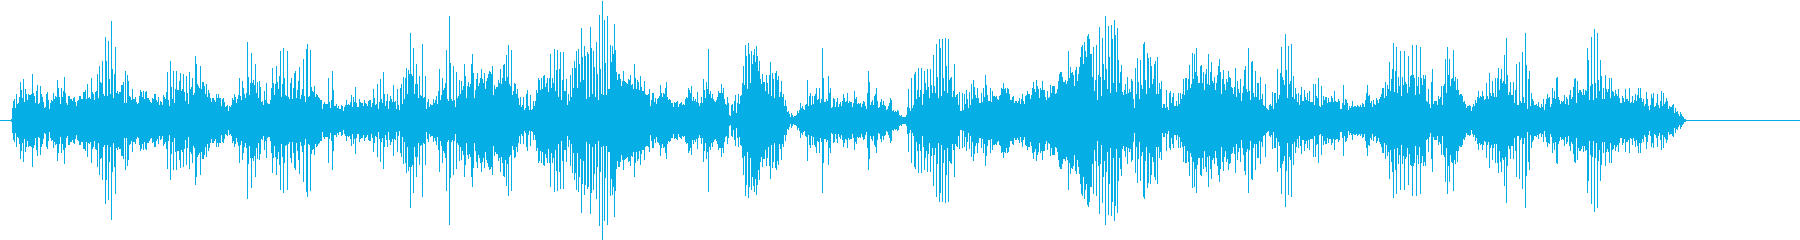 エイリアンクリーチャーブタドッグの再生済みの波形